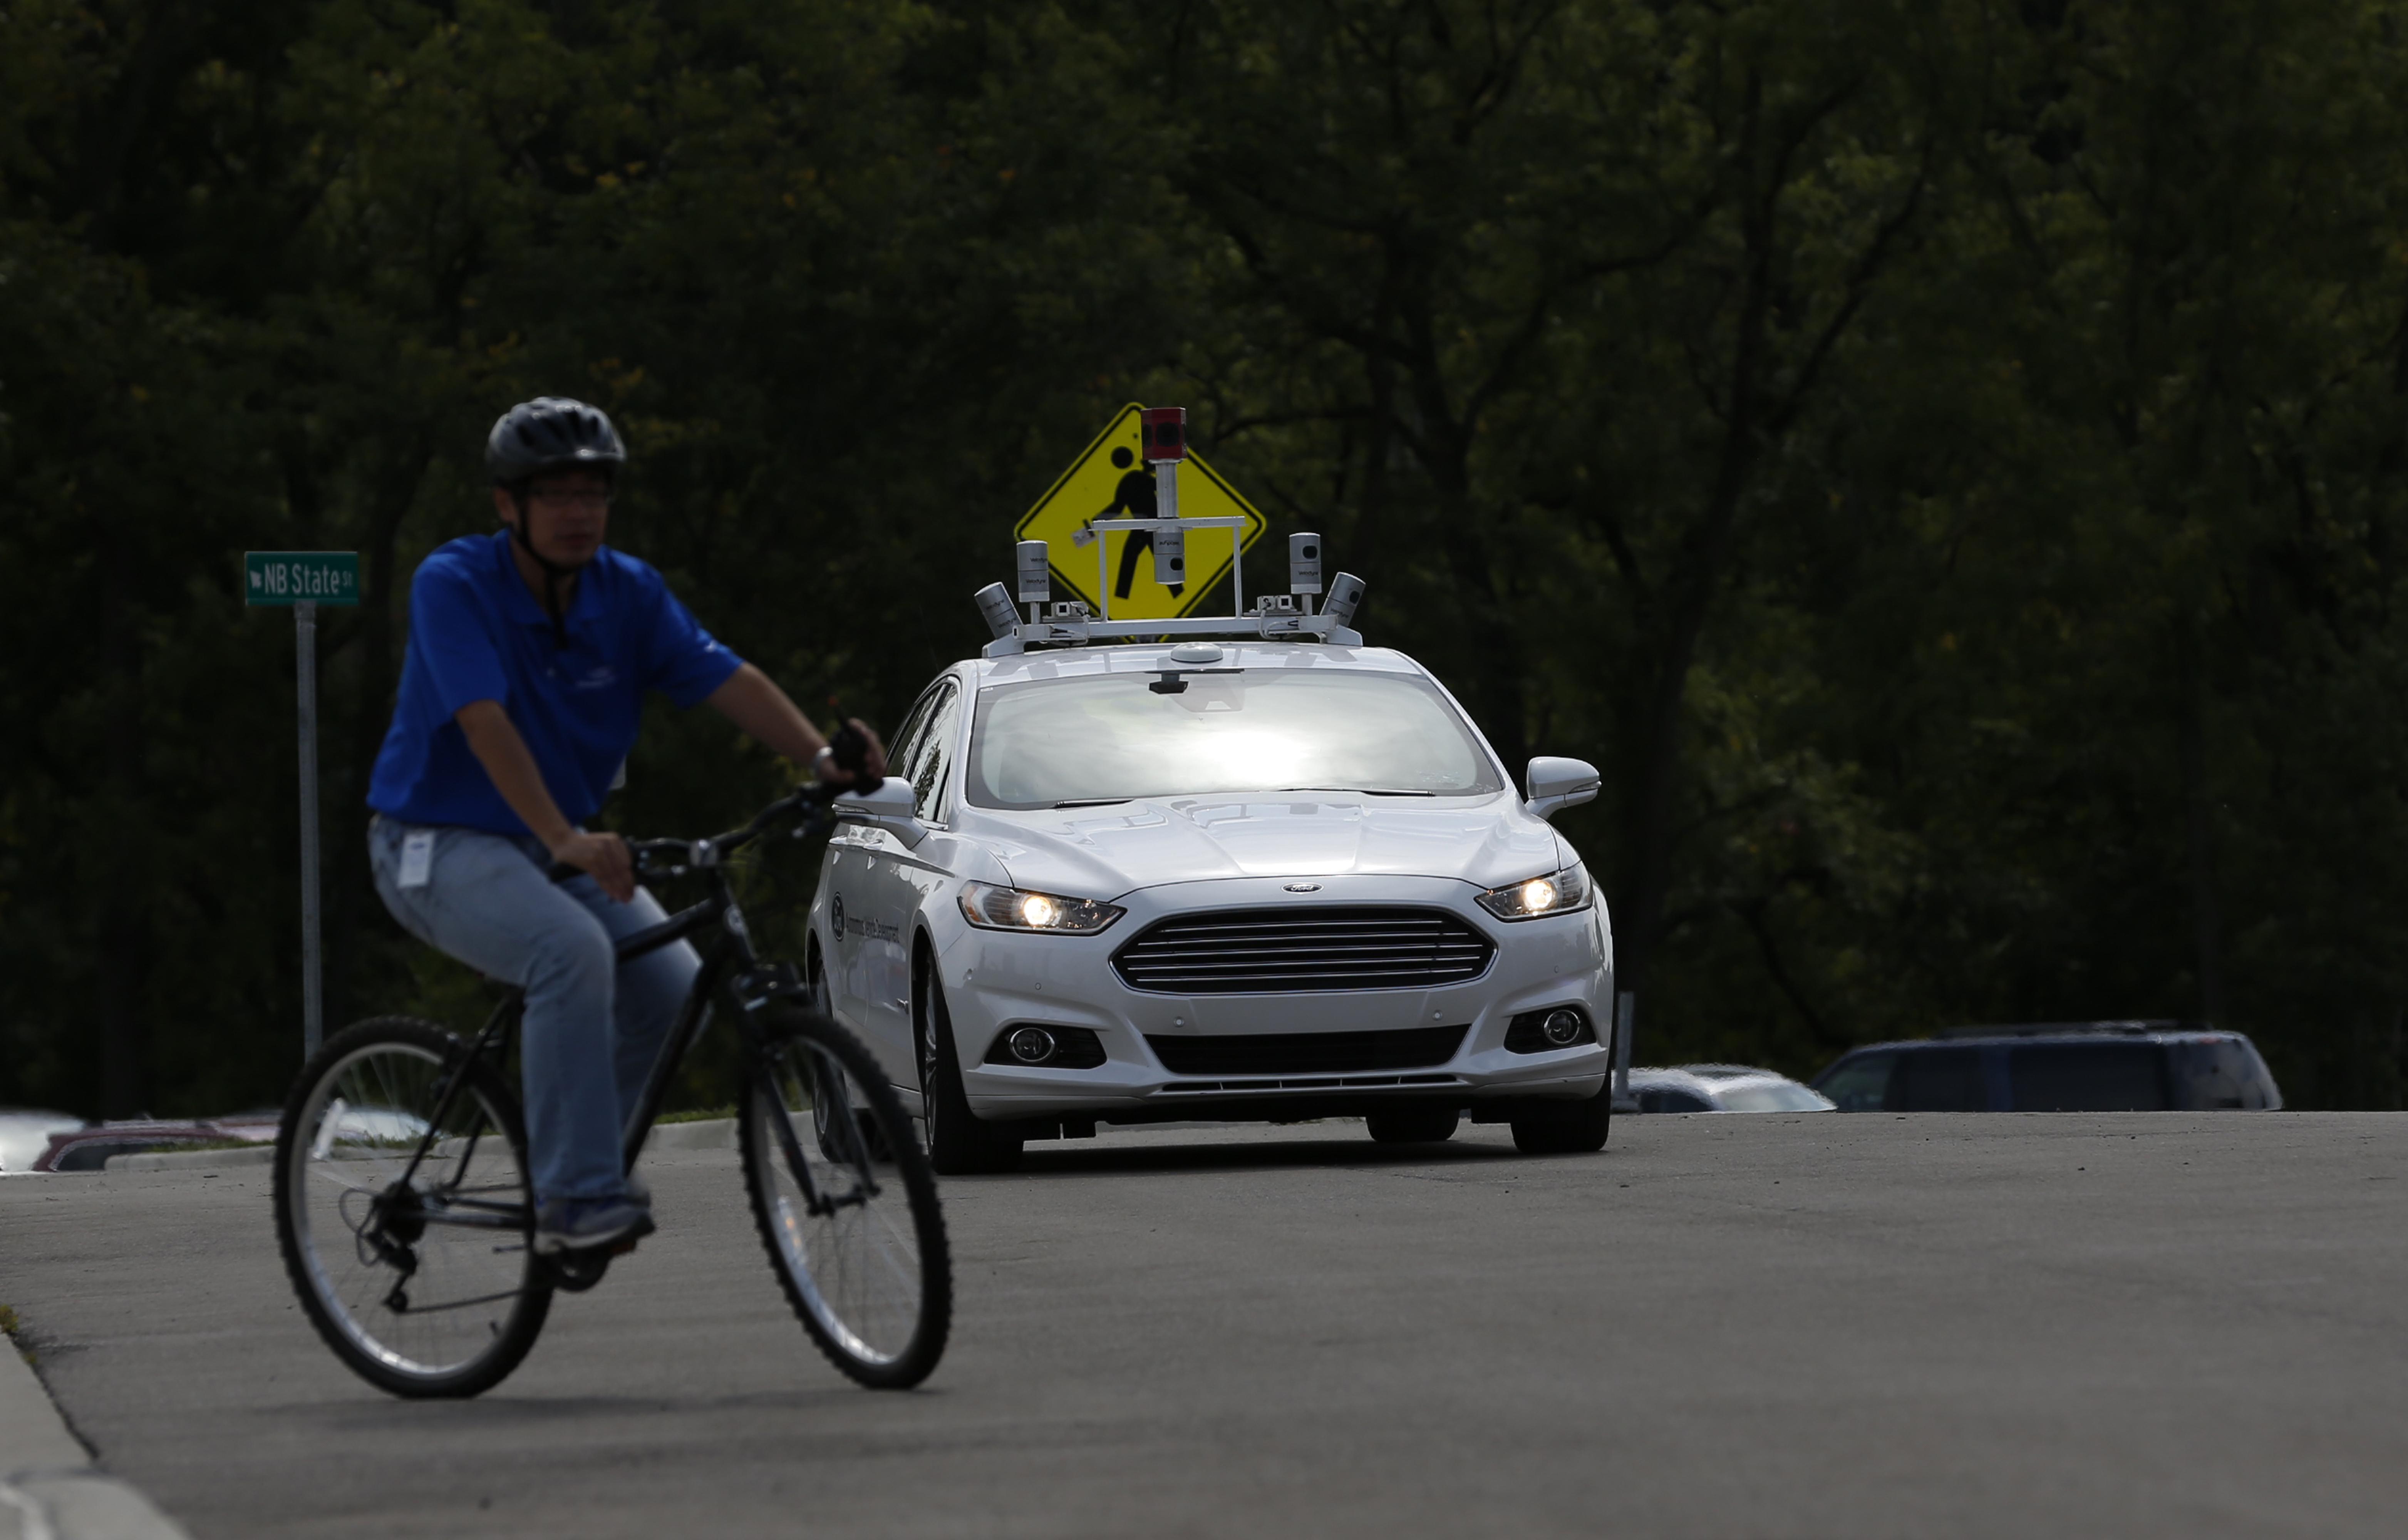 Kaliforniában már jövőre közlekedhetnek a vezető nélküli autók